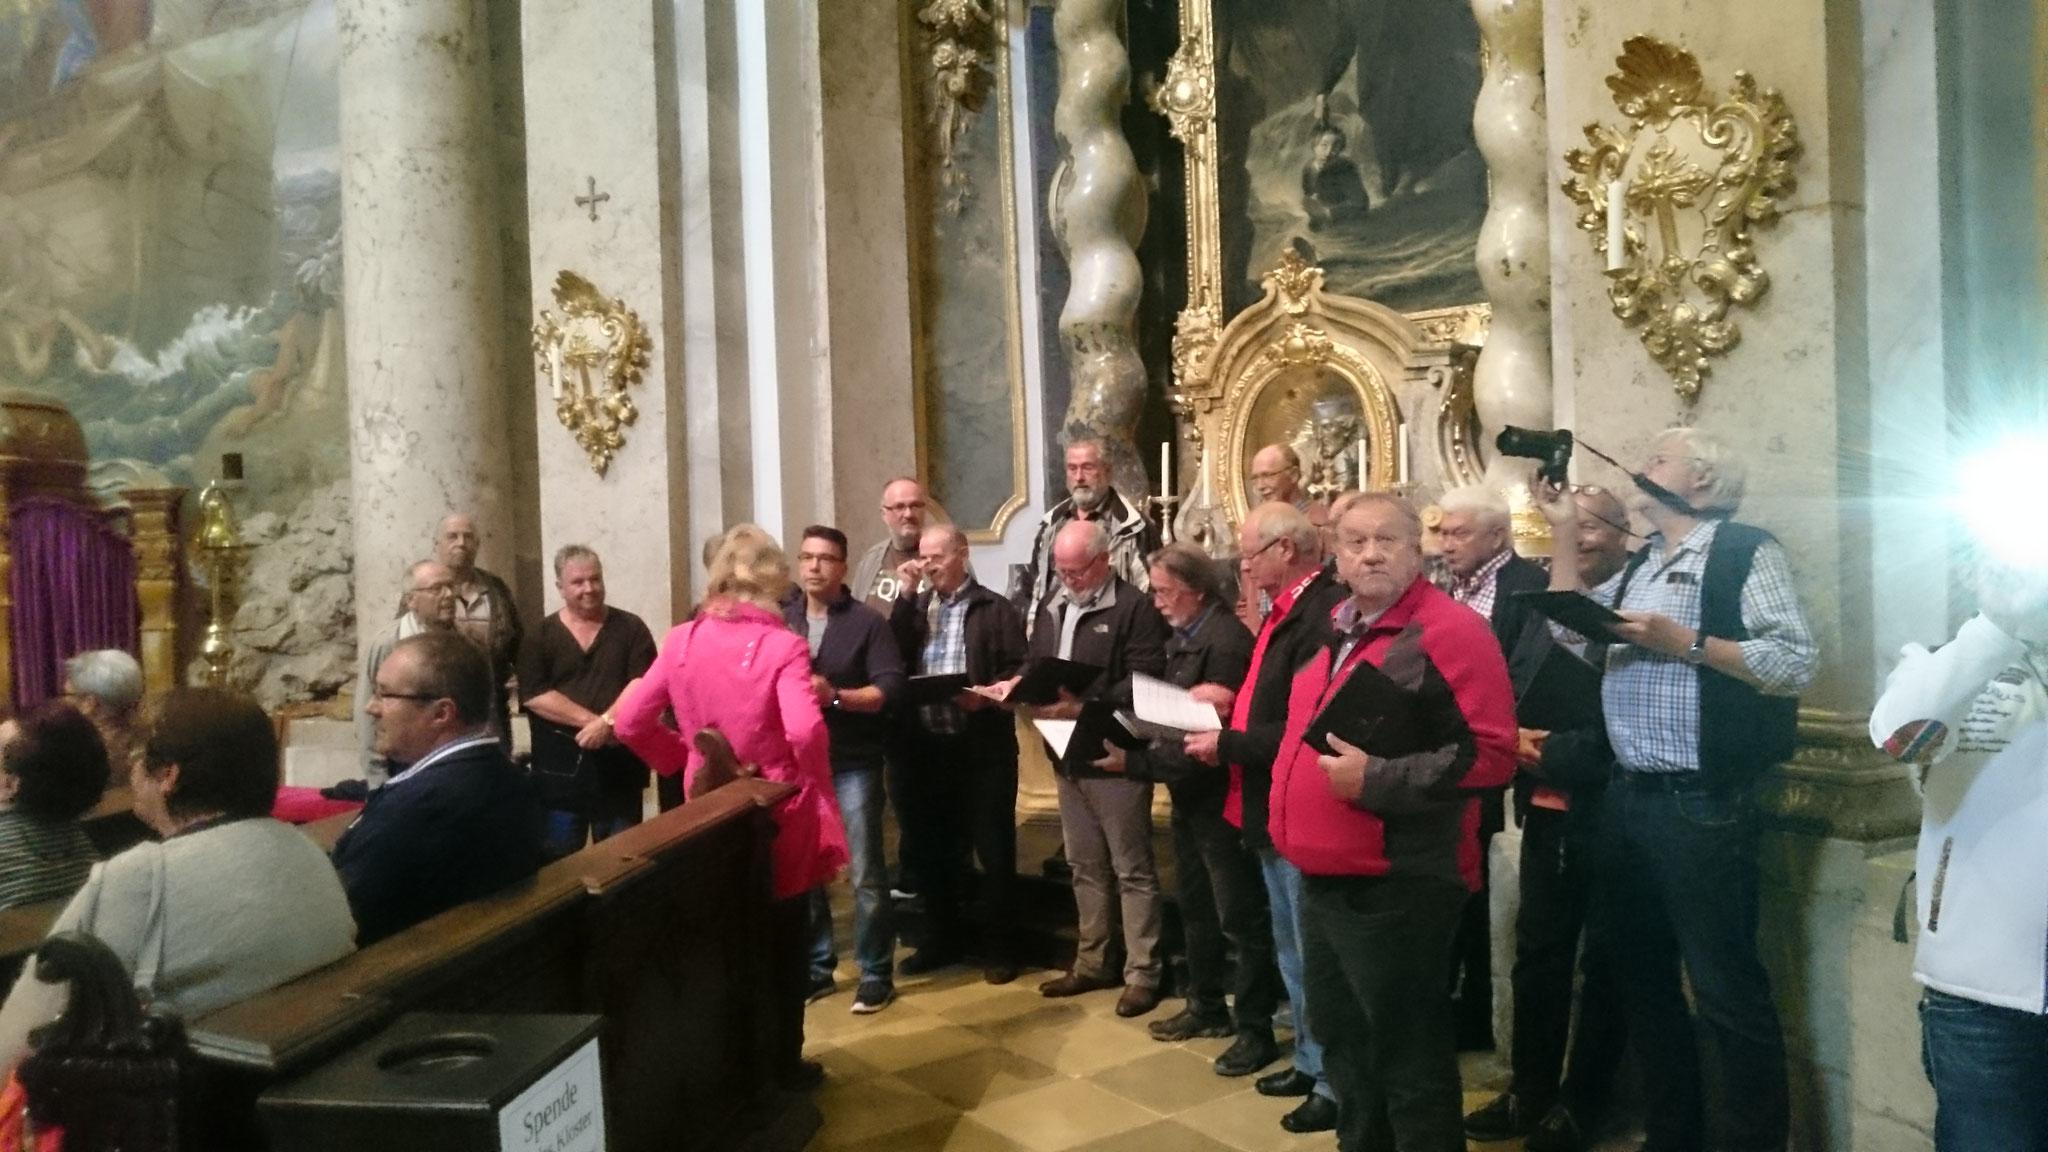 Ein Höhepunkt unserer Chorfahrt. Singen in der prachtvollen Klosterkirche Weltenburg. Unvergesslich für die Beteiligten.